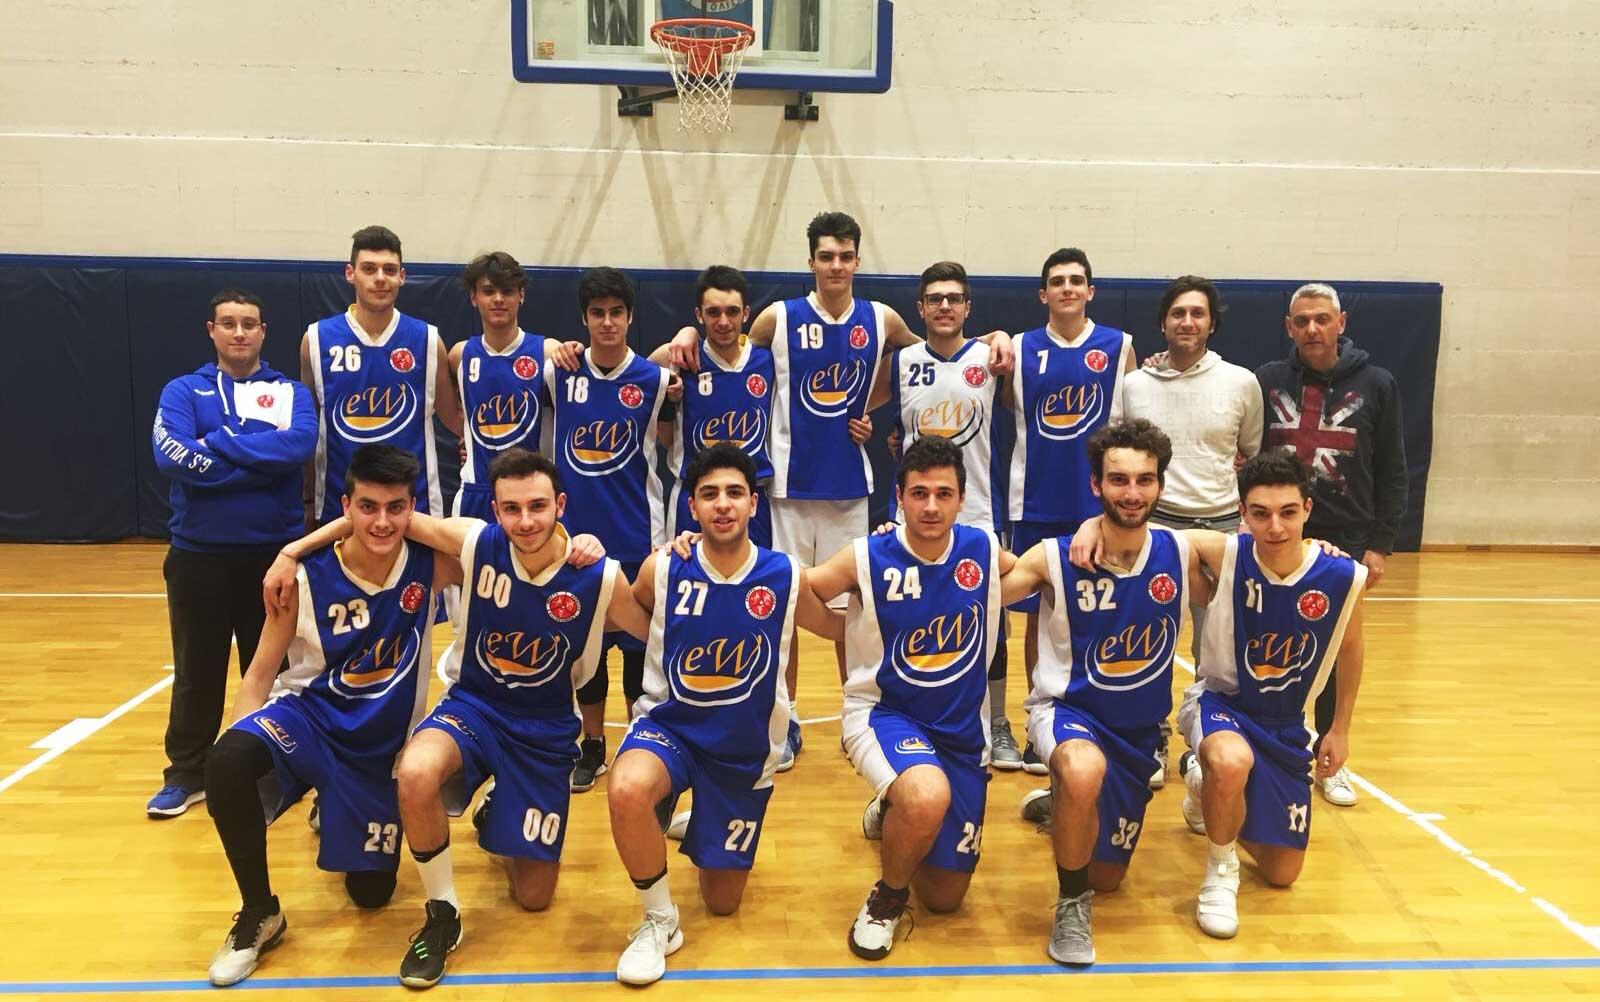 u20m-team